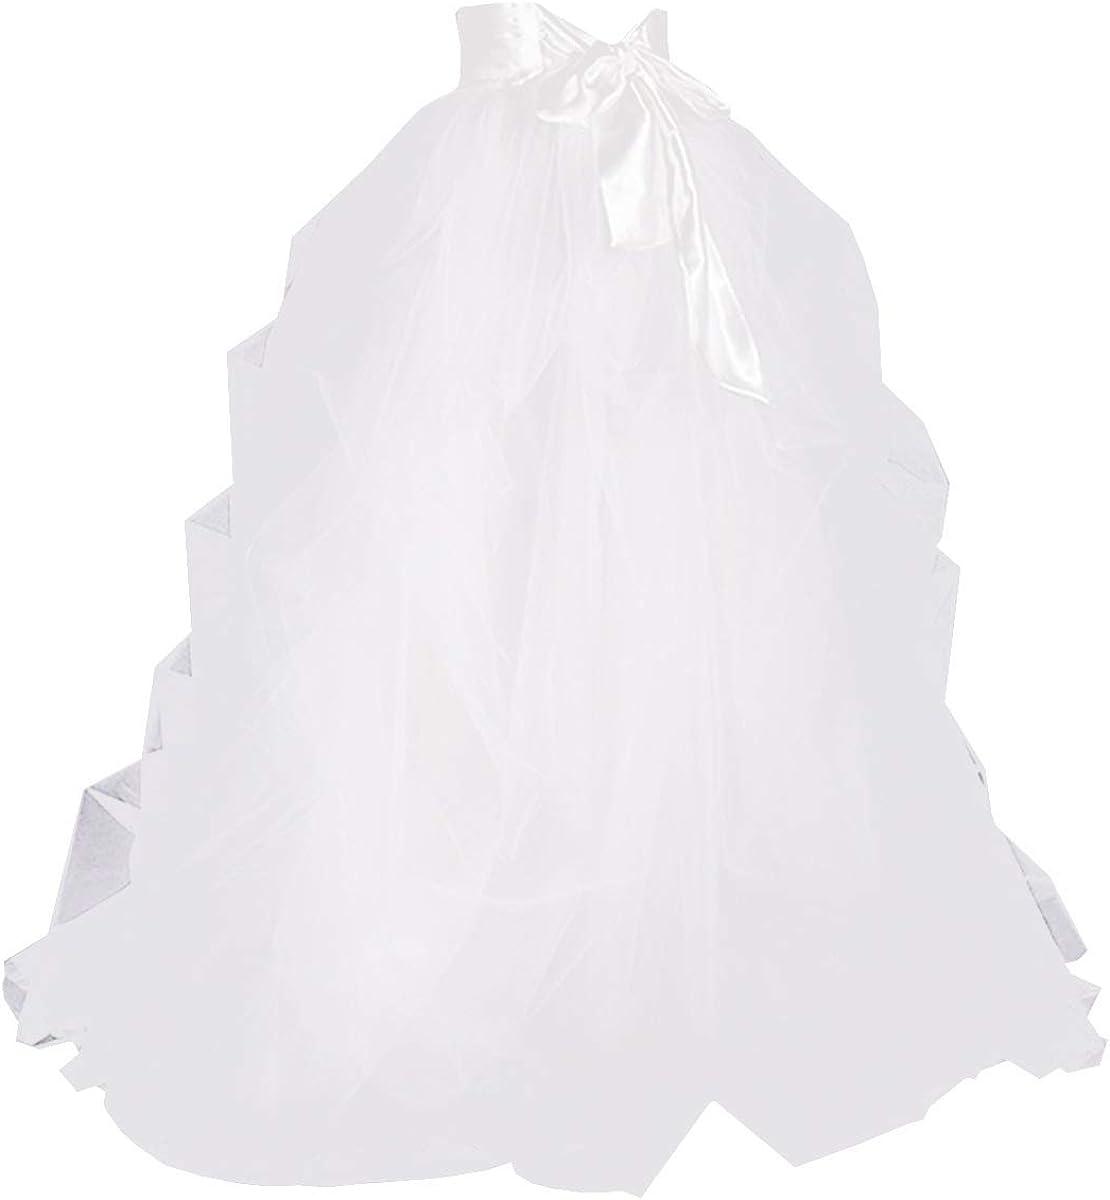 WDPL Women's High Waist Split Ruffles Long Evening Night Out Tulle Skirt Satin Waistband